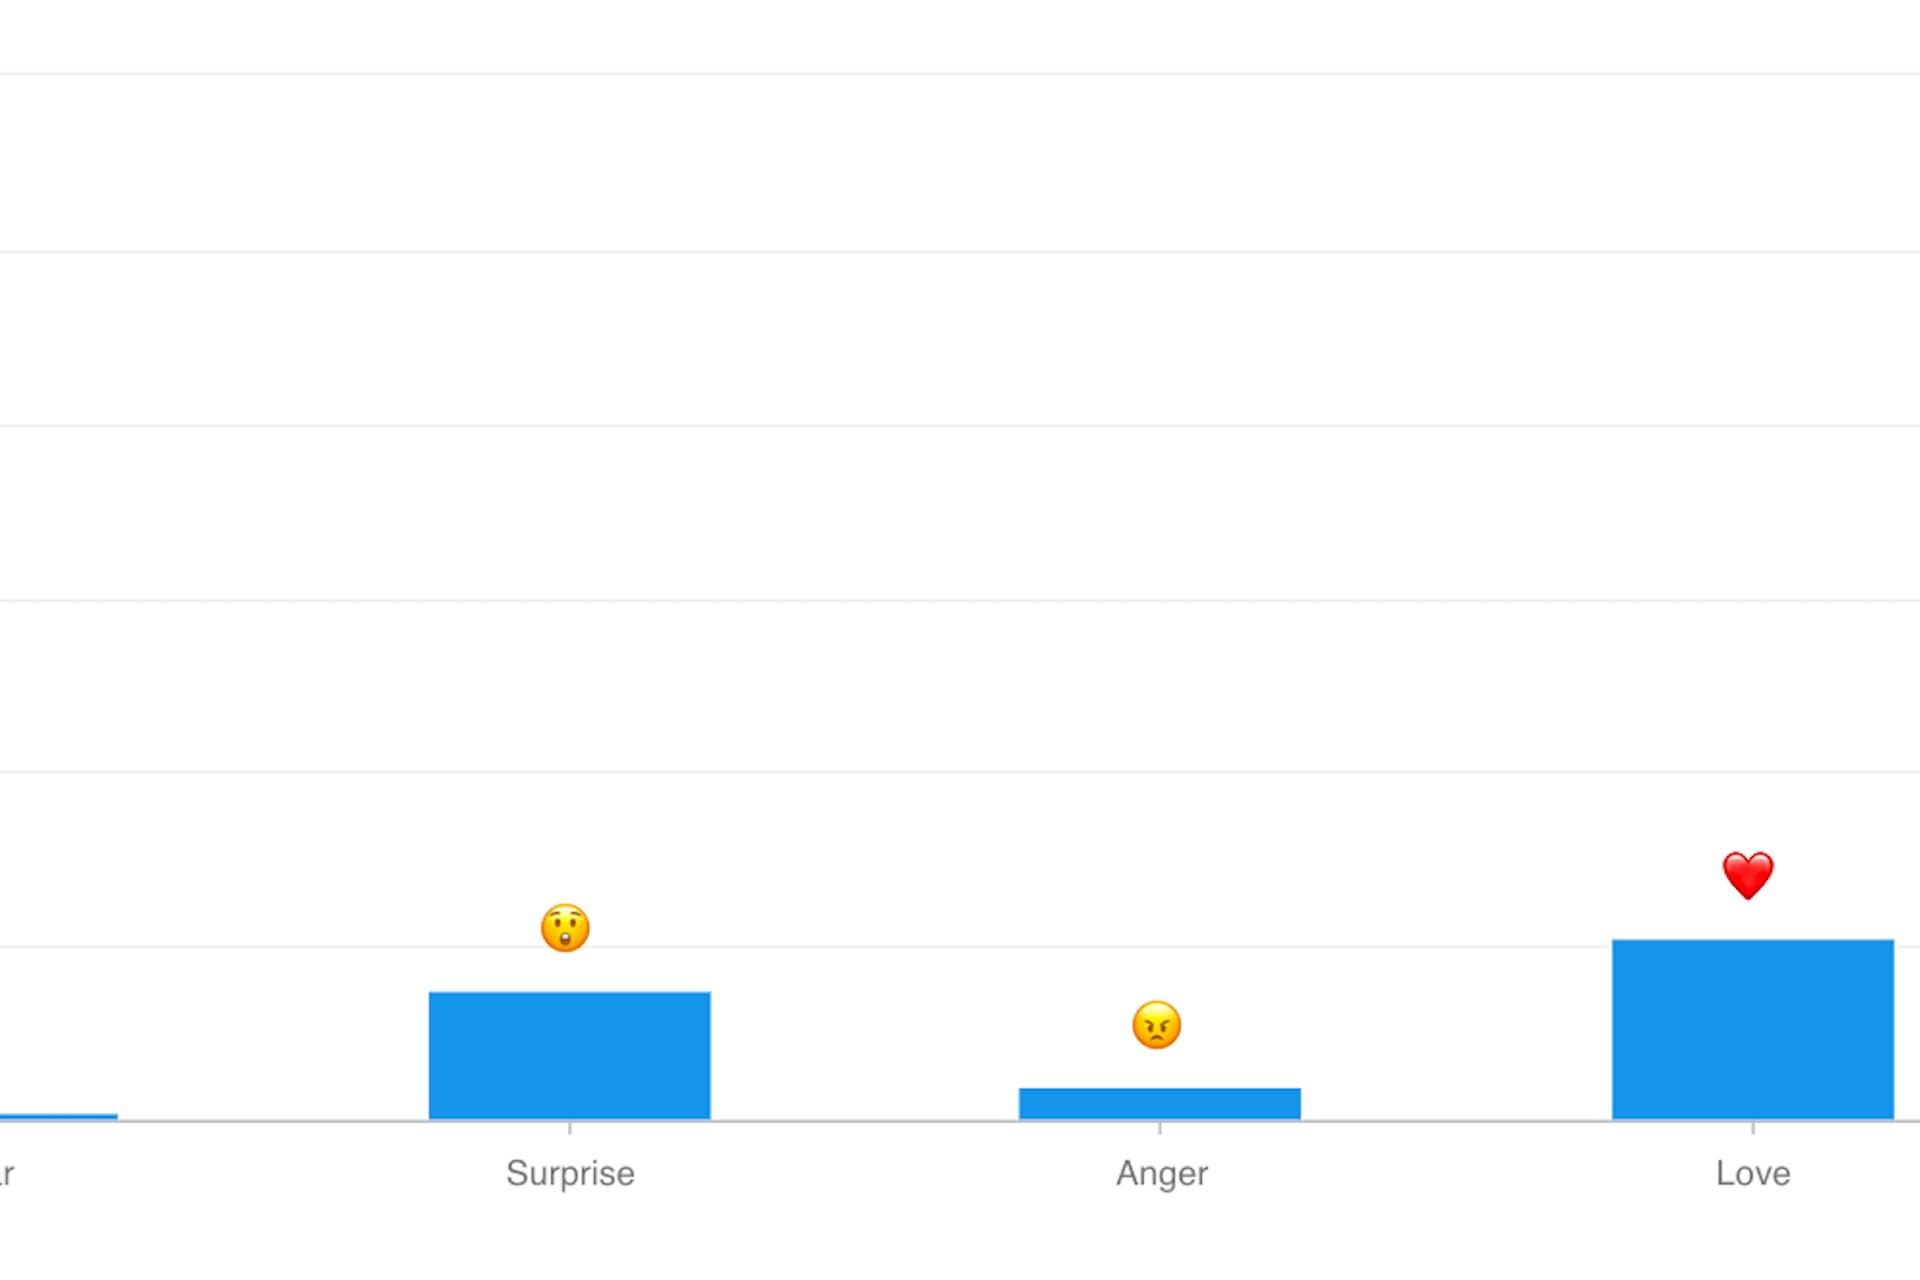 Man sieht einen Screenshot der Meltwater Social Listening Plattform der beliebtesten Emojis